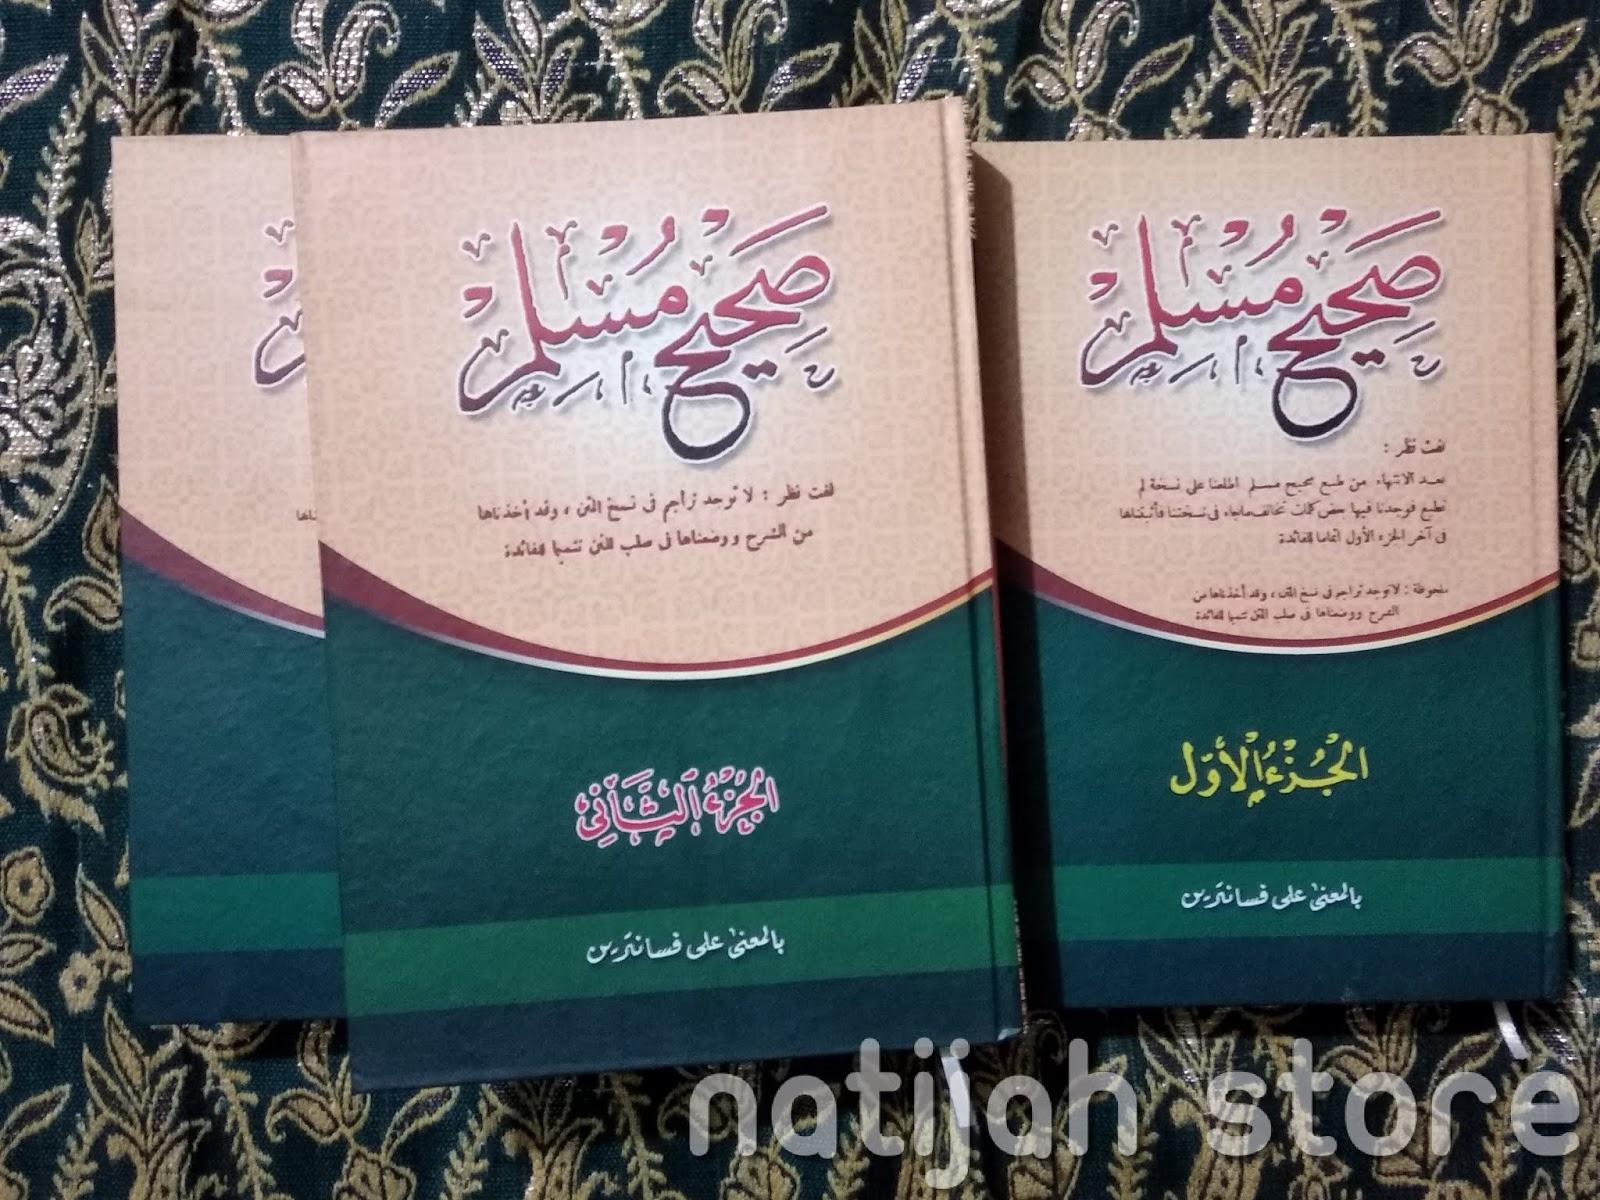 Kitab Hadits Shohih Muslim